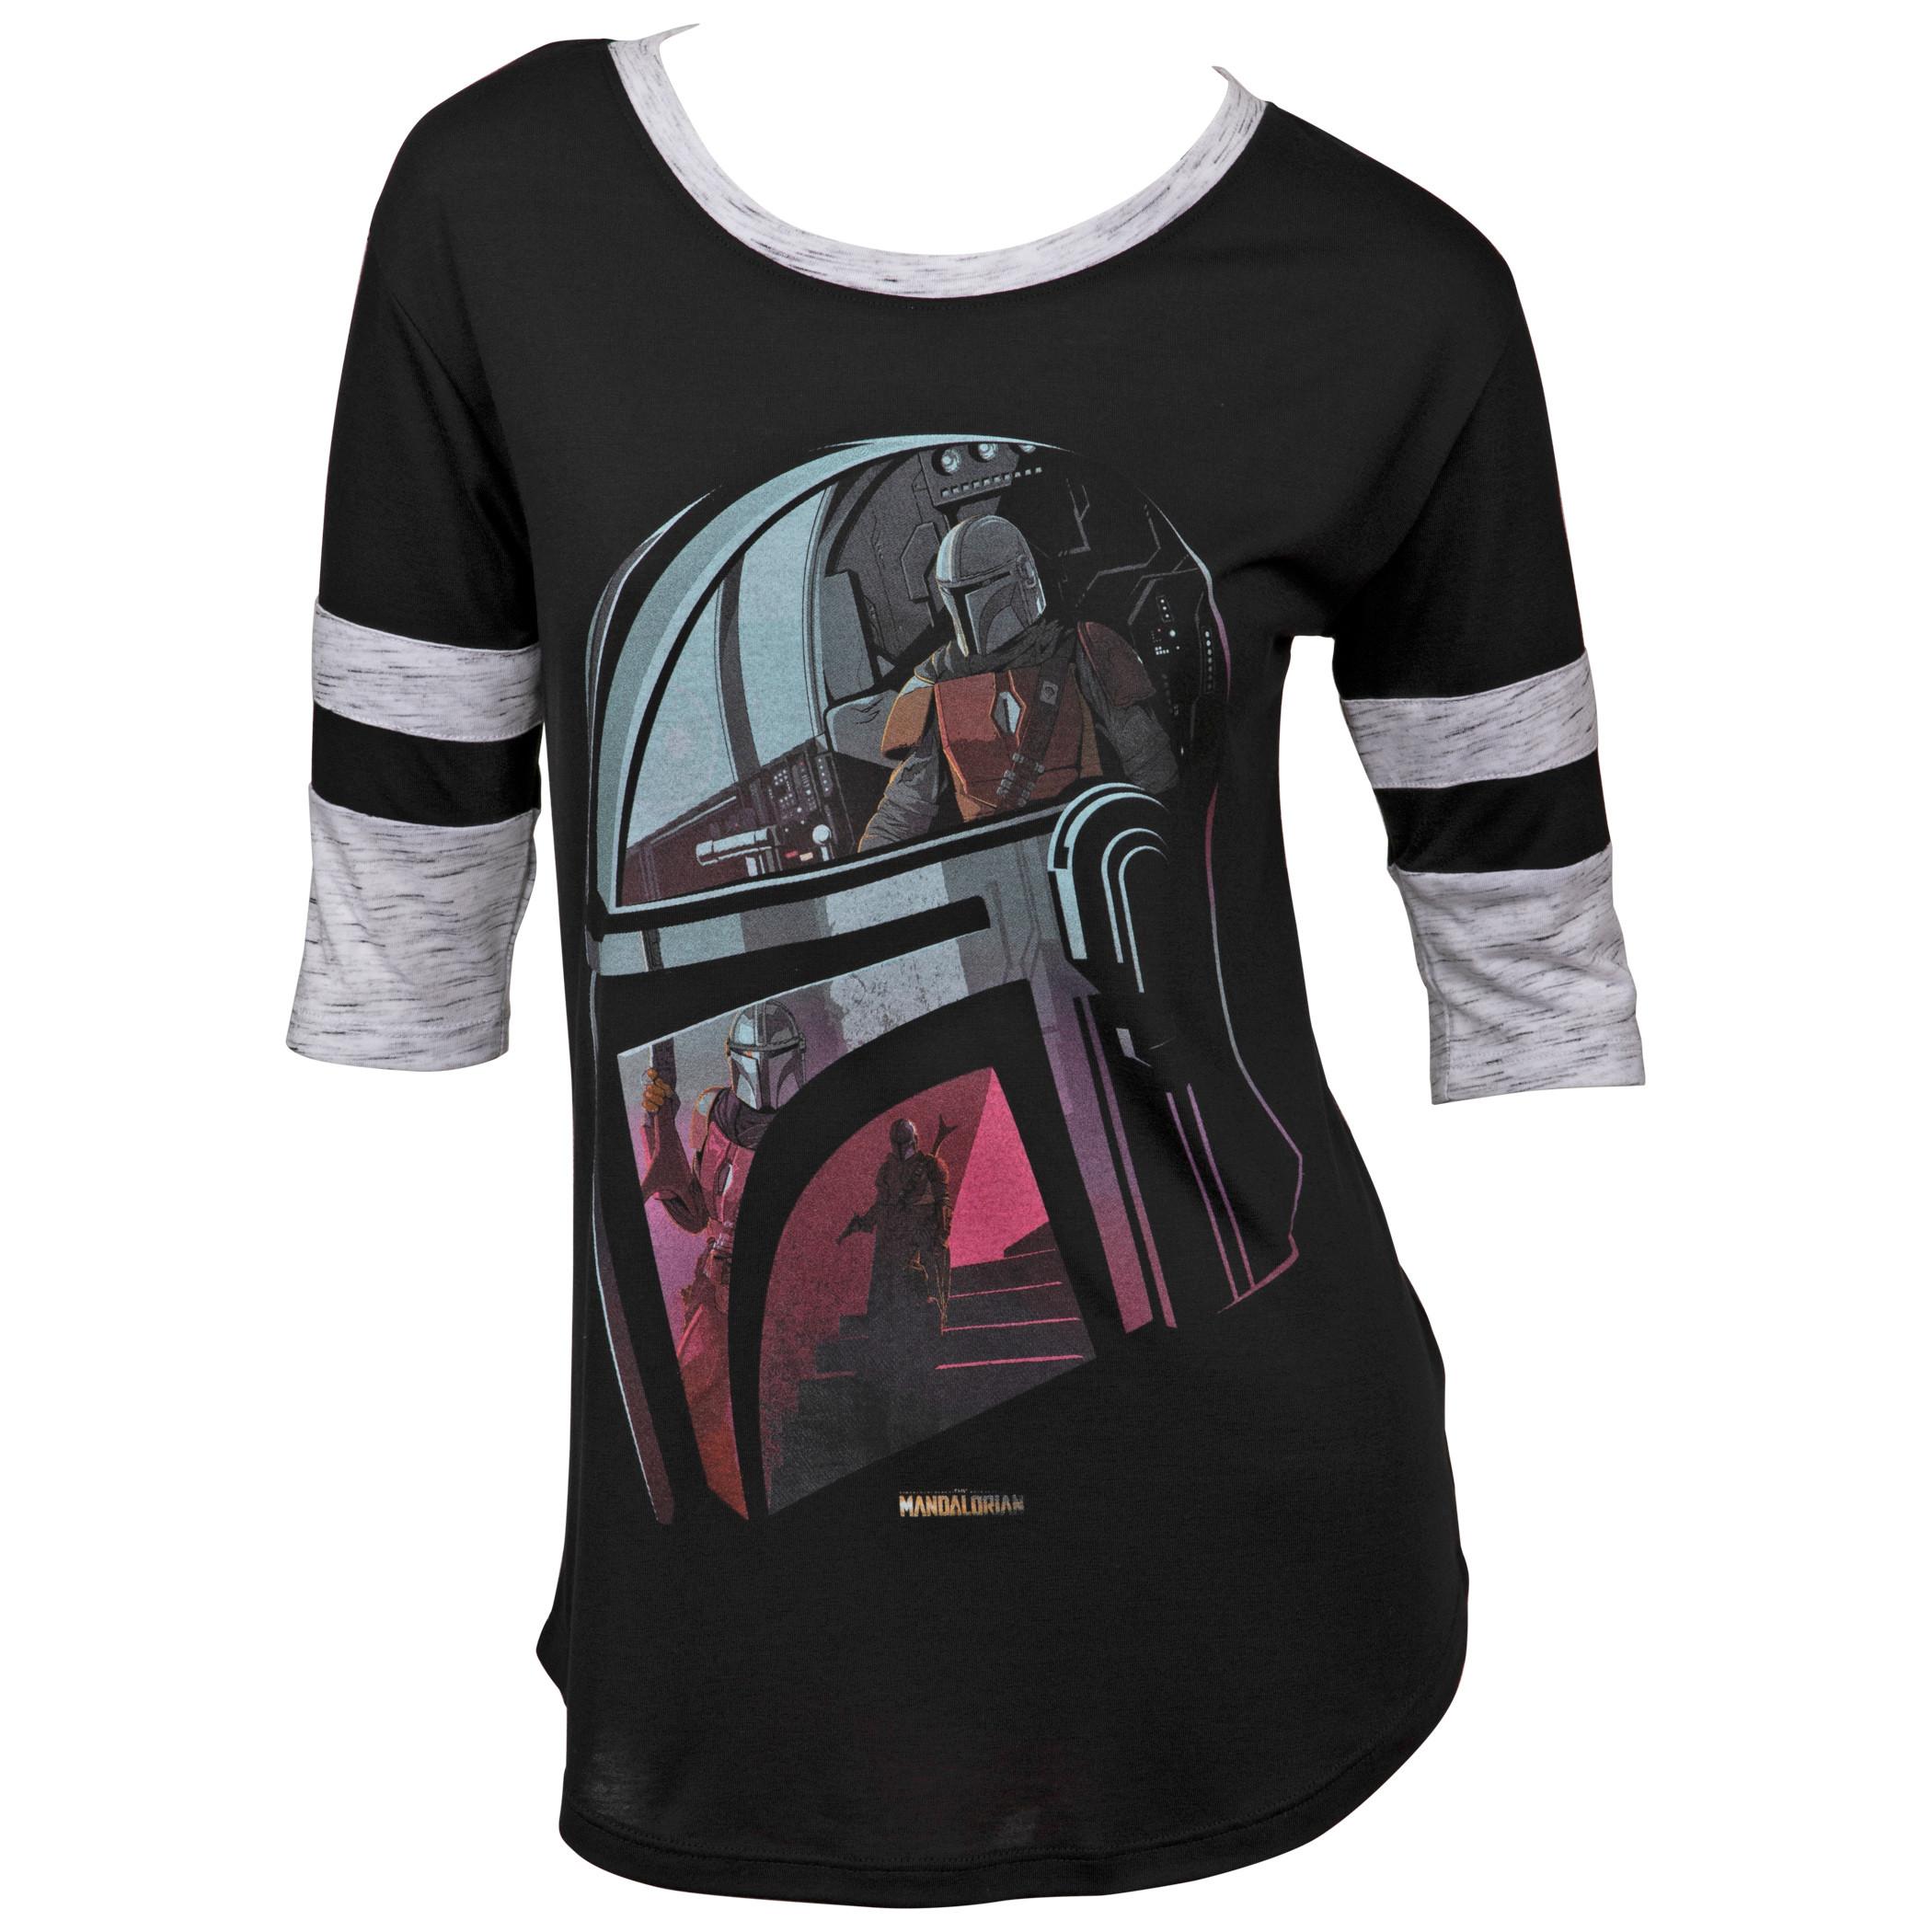 Star Wars The Mandalorian Helmet Women's 3/4 Sleeve Scoop Neck Top